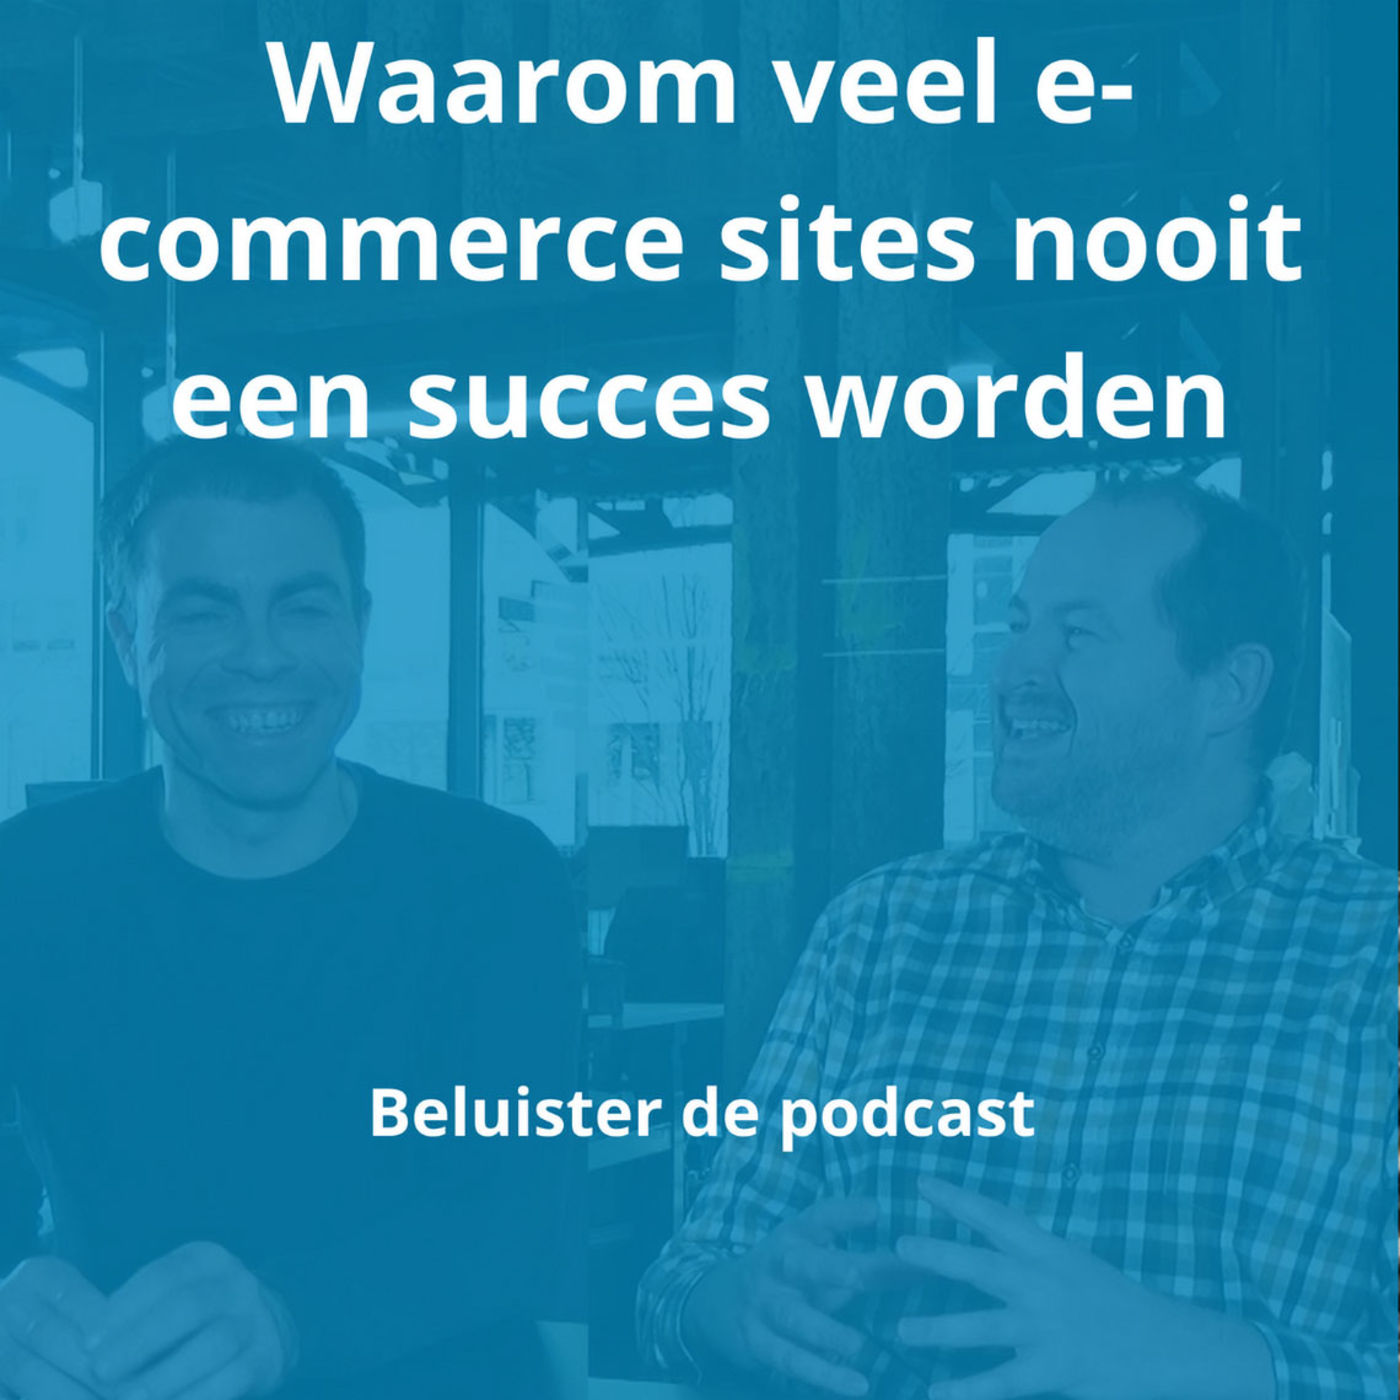 #2 Waarom e-commerce sites vaak geen succes zijn